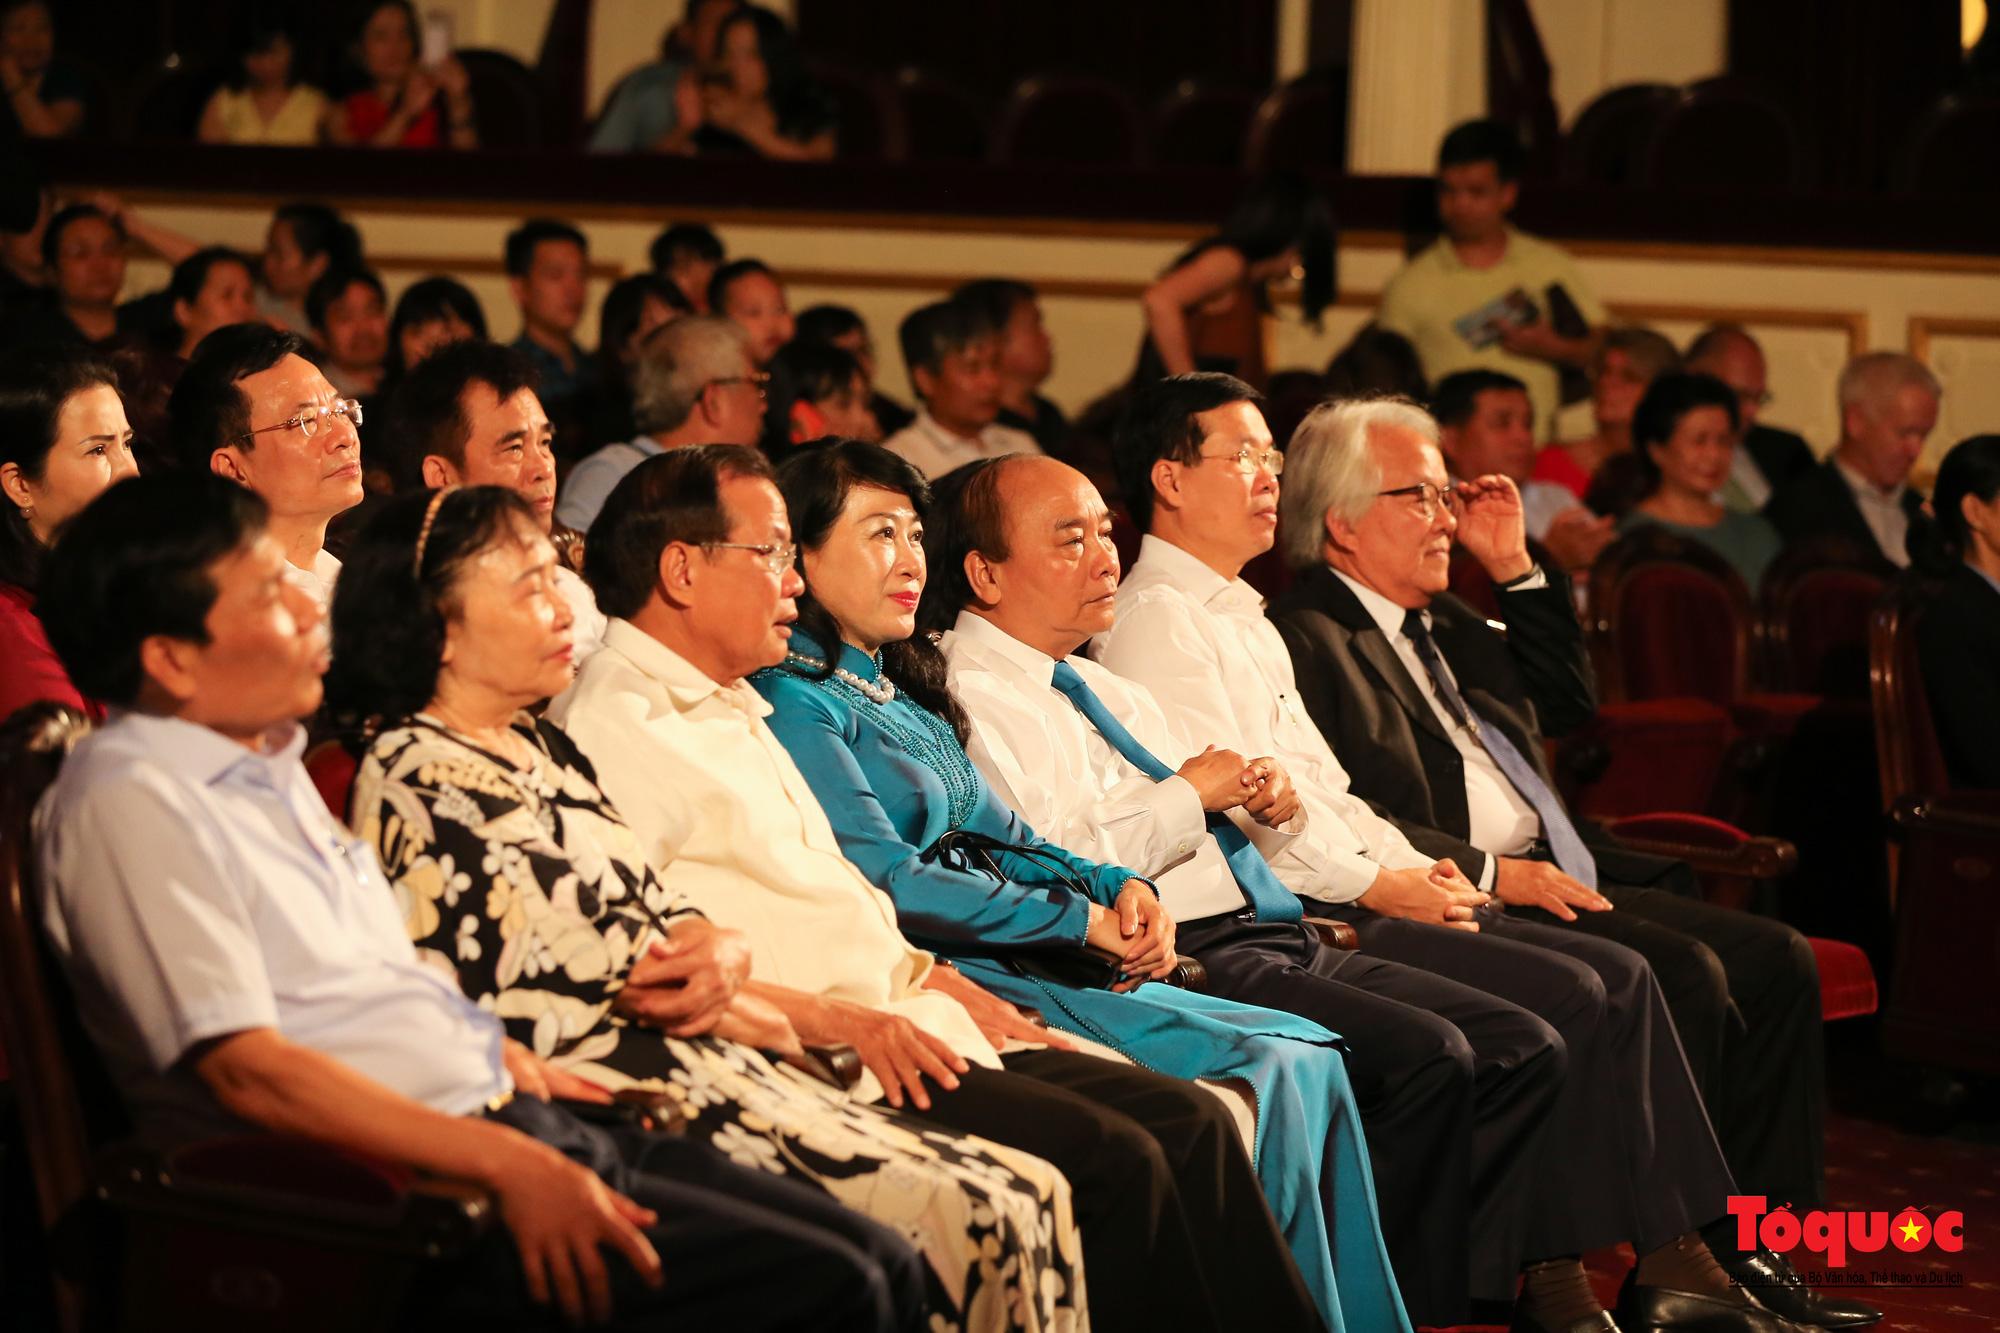 Nhiều cung bậc cảm xúc trong đêm nhạc 'Biển nhớ' tưởng nhớ cố nhạc sĩ Trịnh Công Sơn - Ảnh 8.